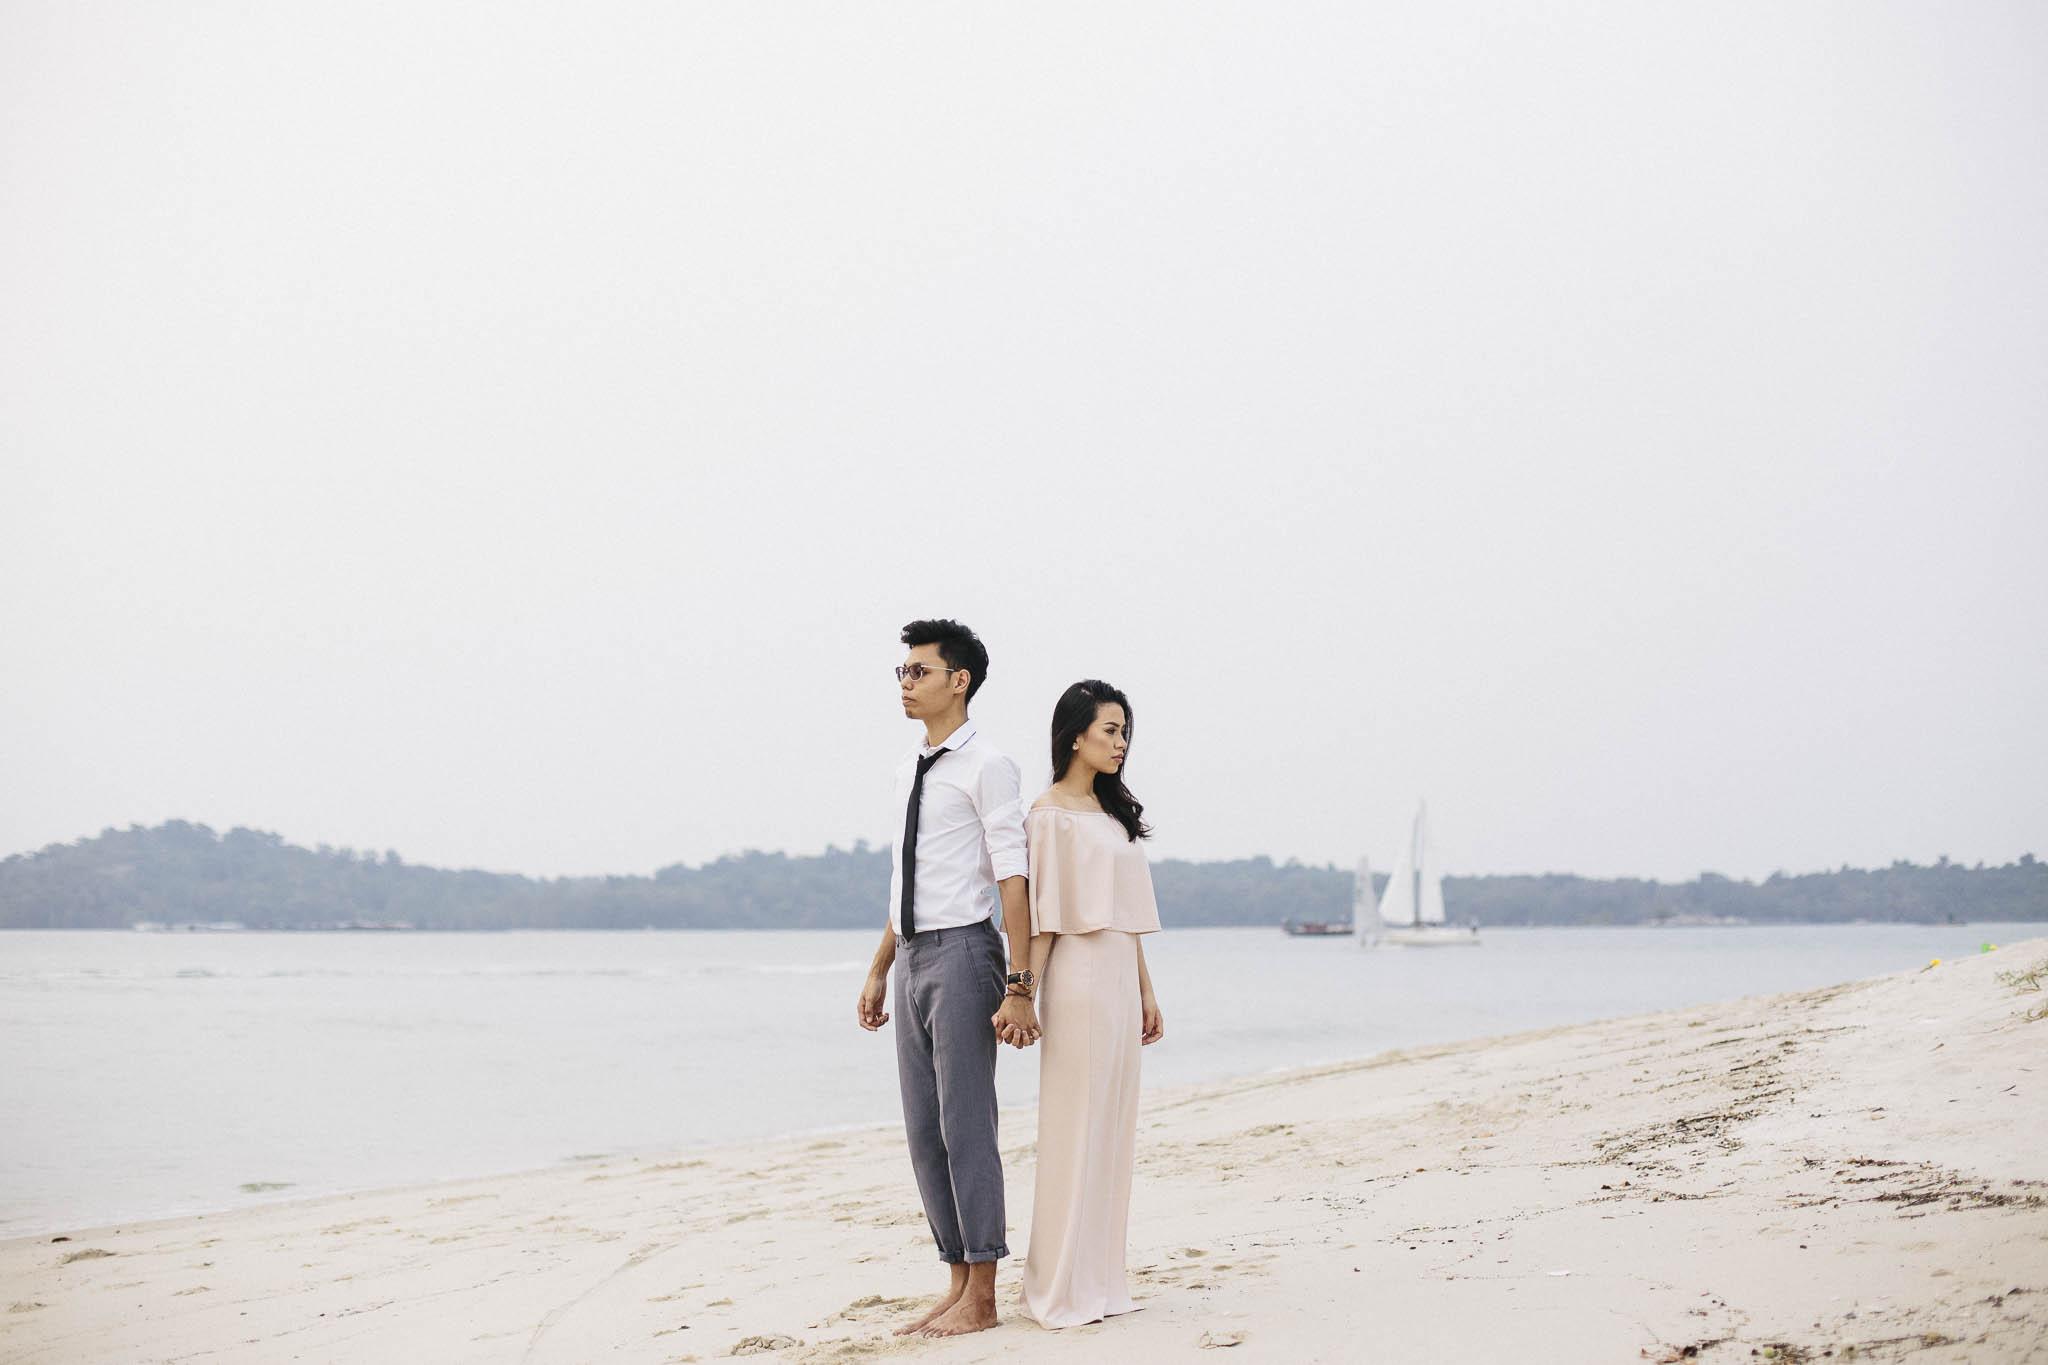 singapore-wedding-photographer-wemadethese-portraits-011.jpg